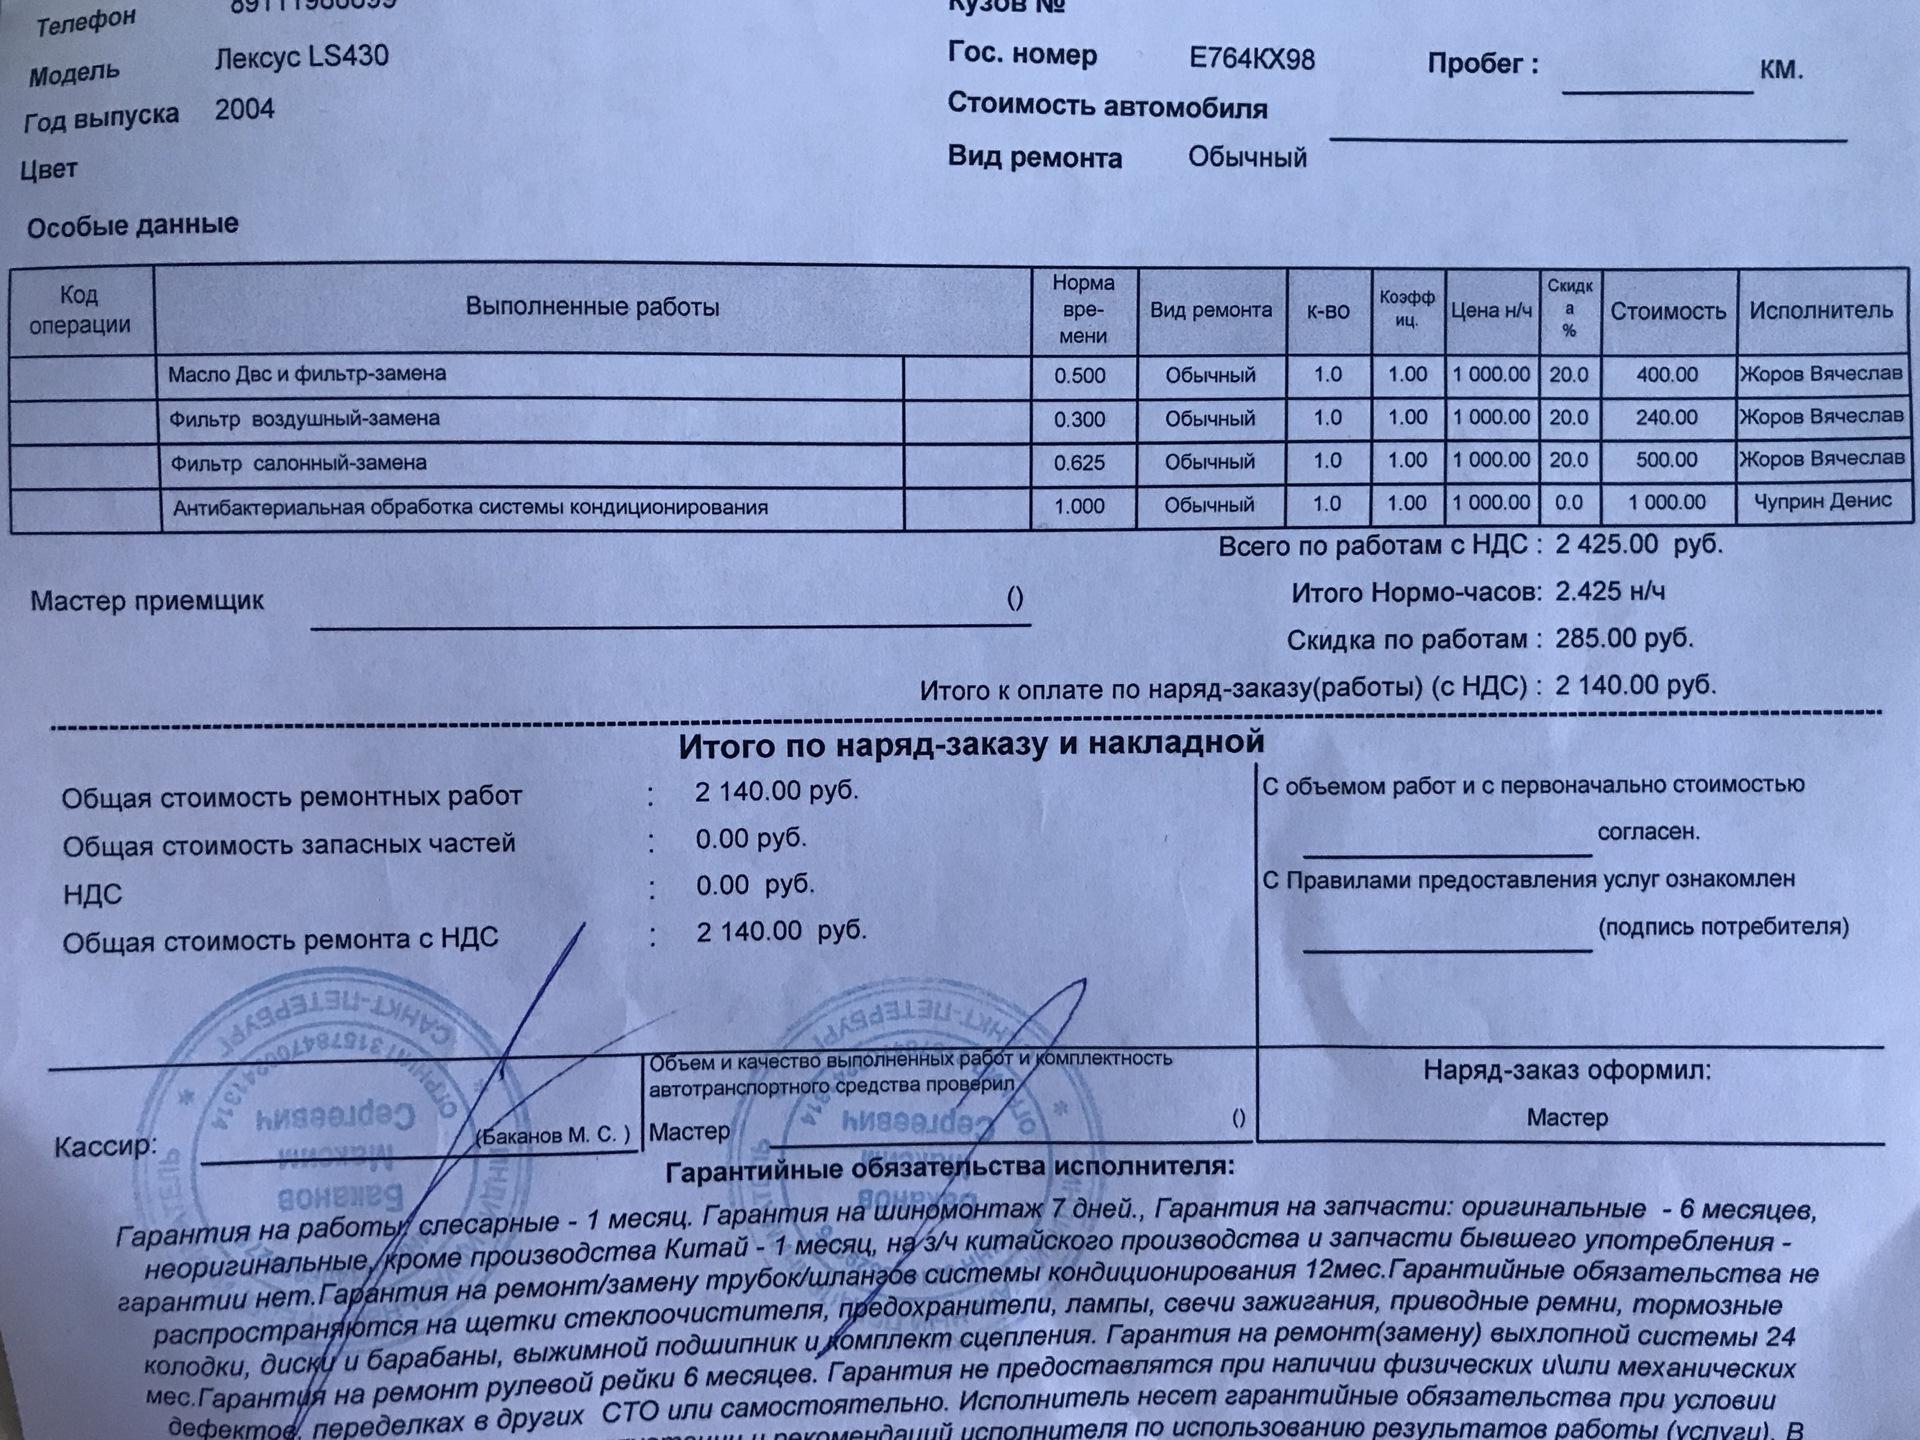 Часа стоимость лексус москва нормо в час стоимость киловатта иваново